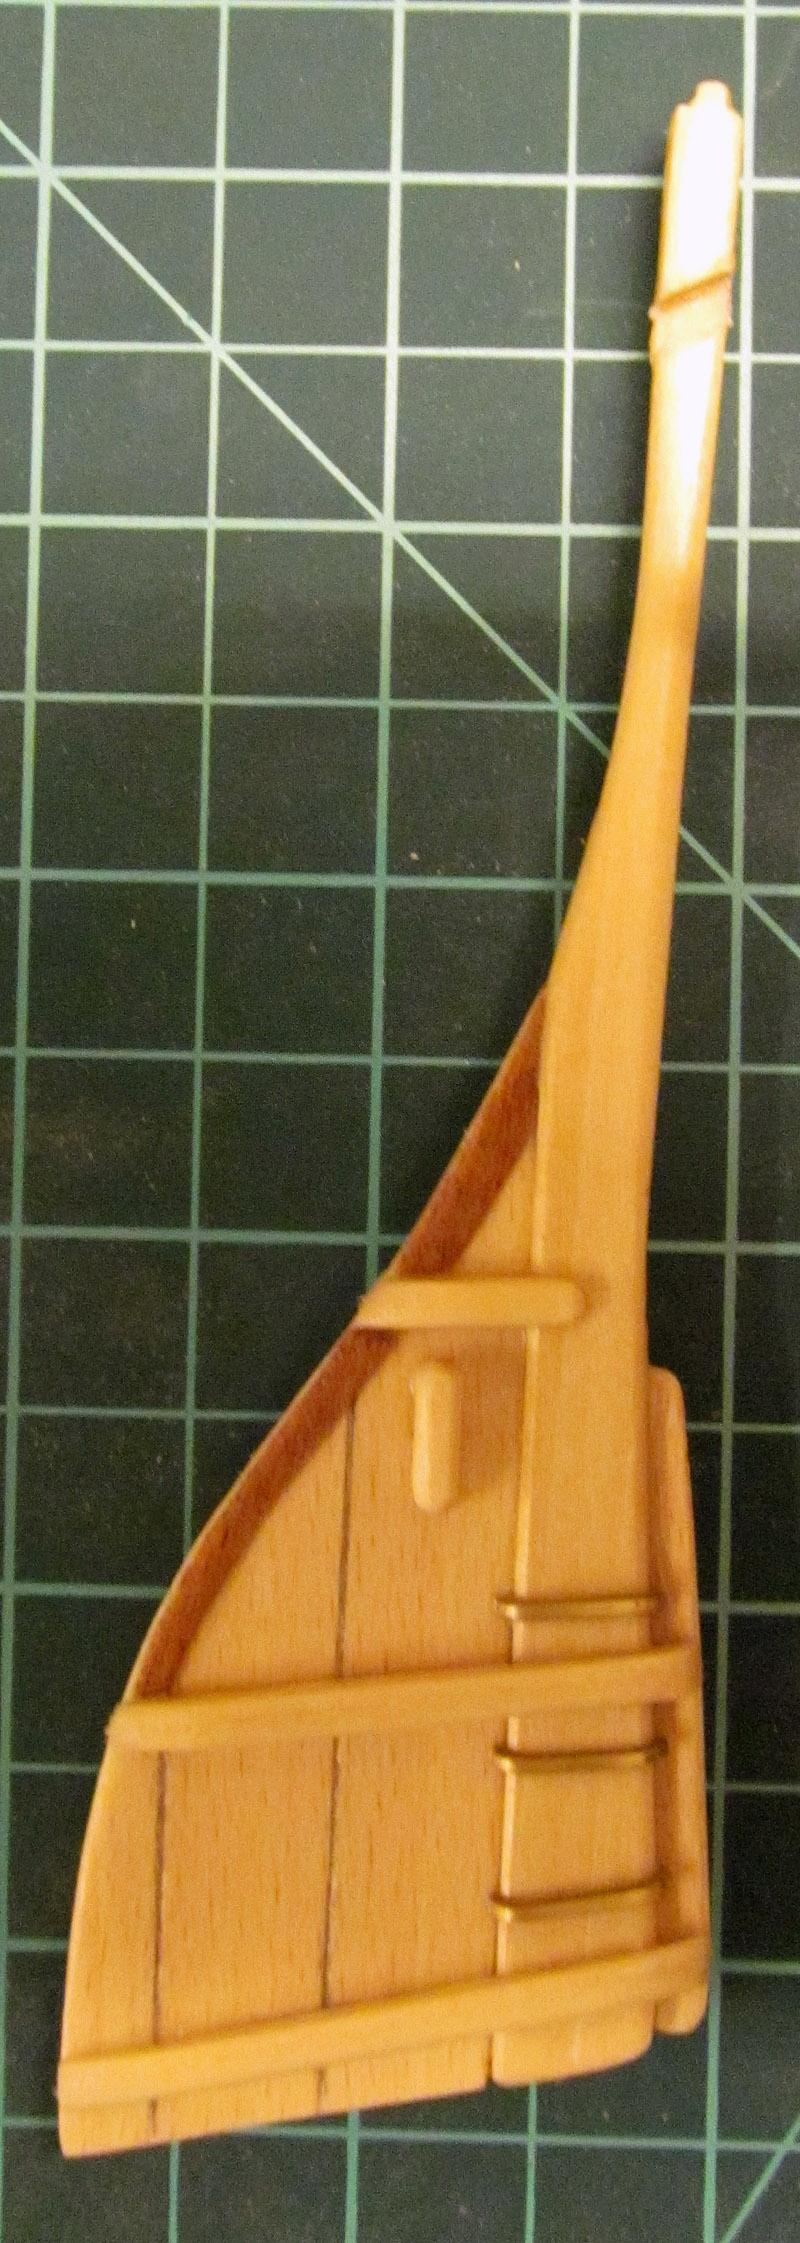 Construction d'un Higaki Kaisen - 1/72 - Scratch  - Page 3 16121105235518121214700955